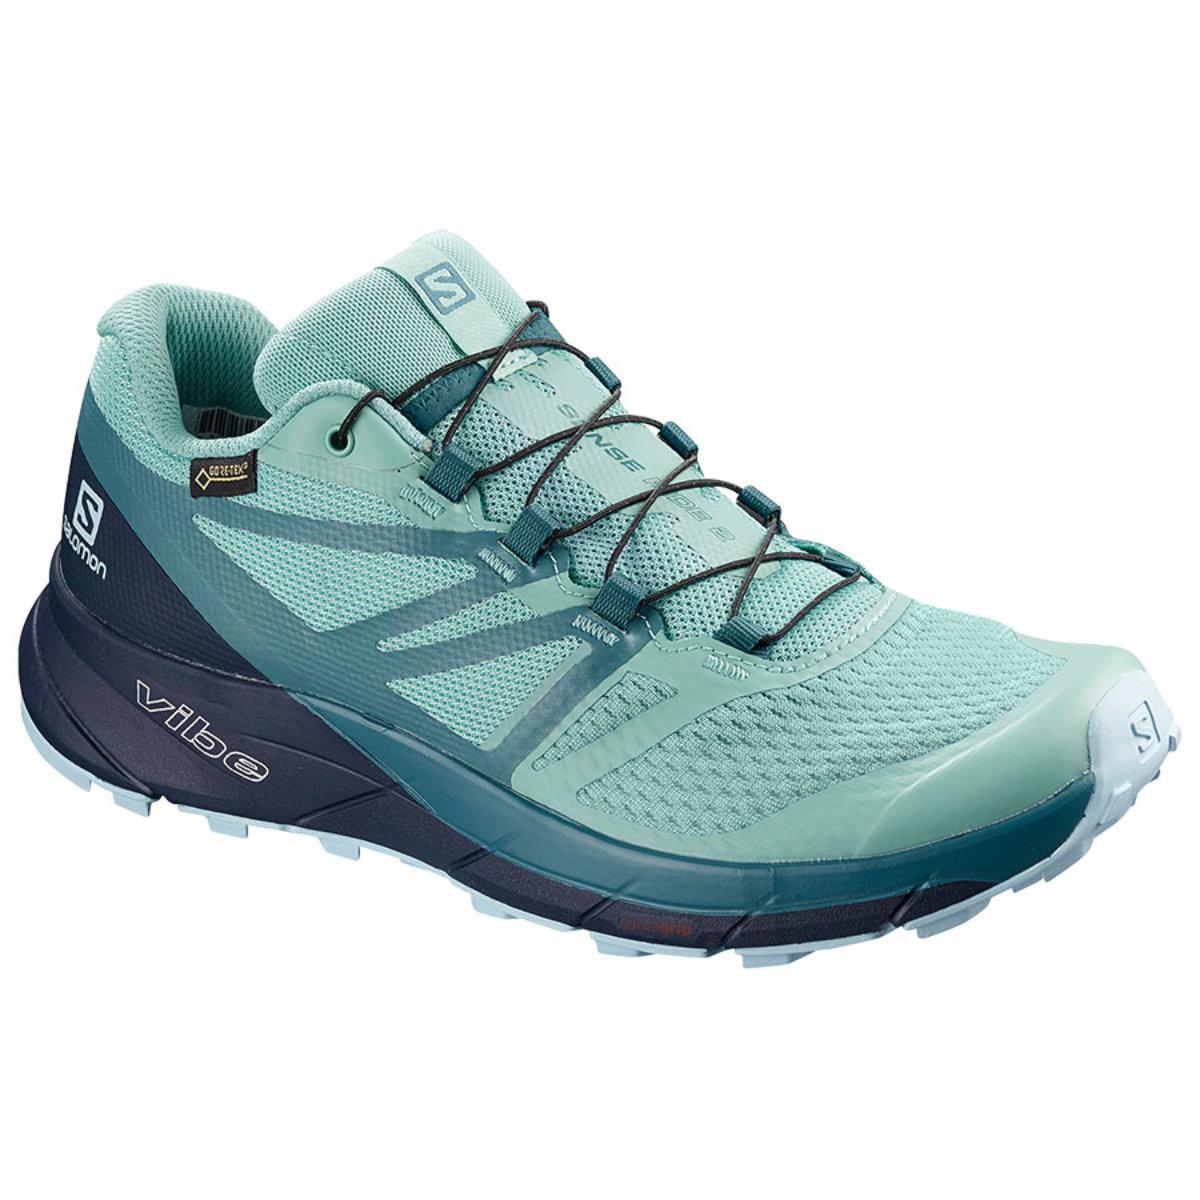 Gore-Tex® : nouvelle membrane imperméable & invisible dans les chaussures.